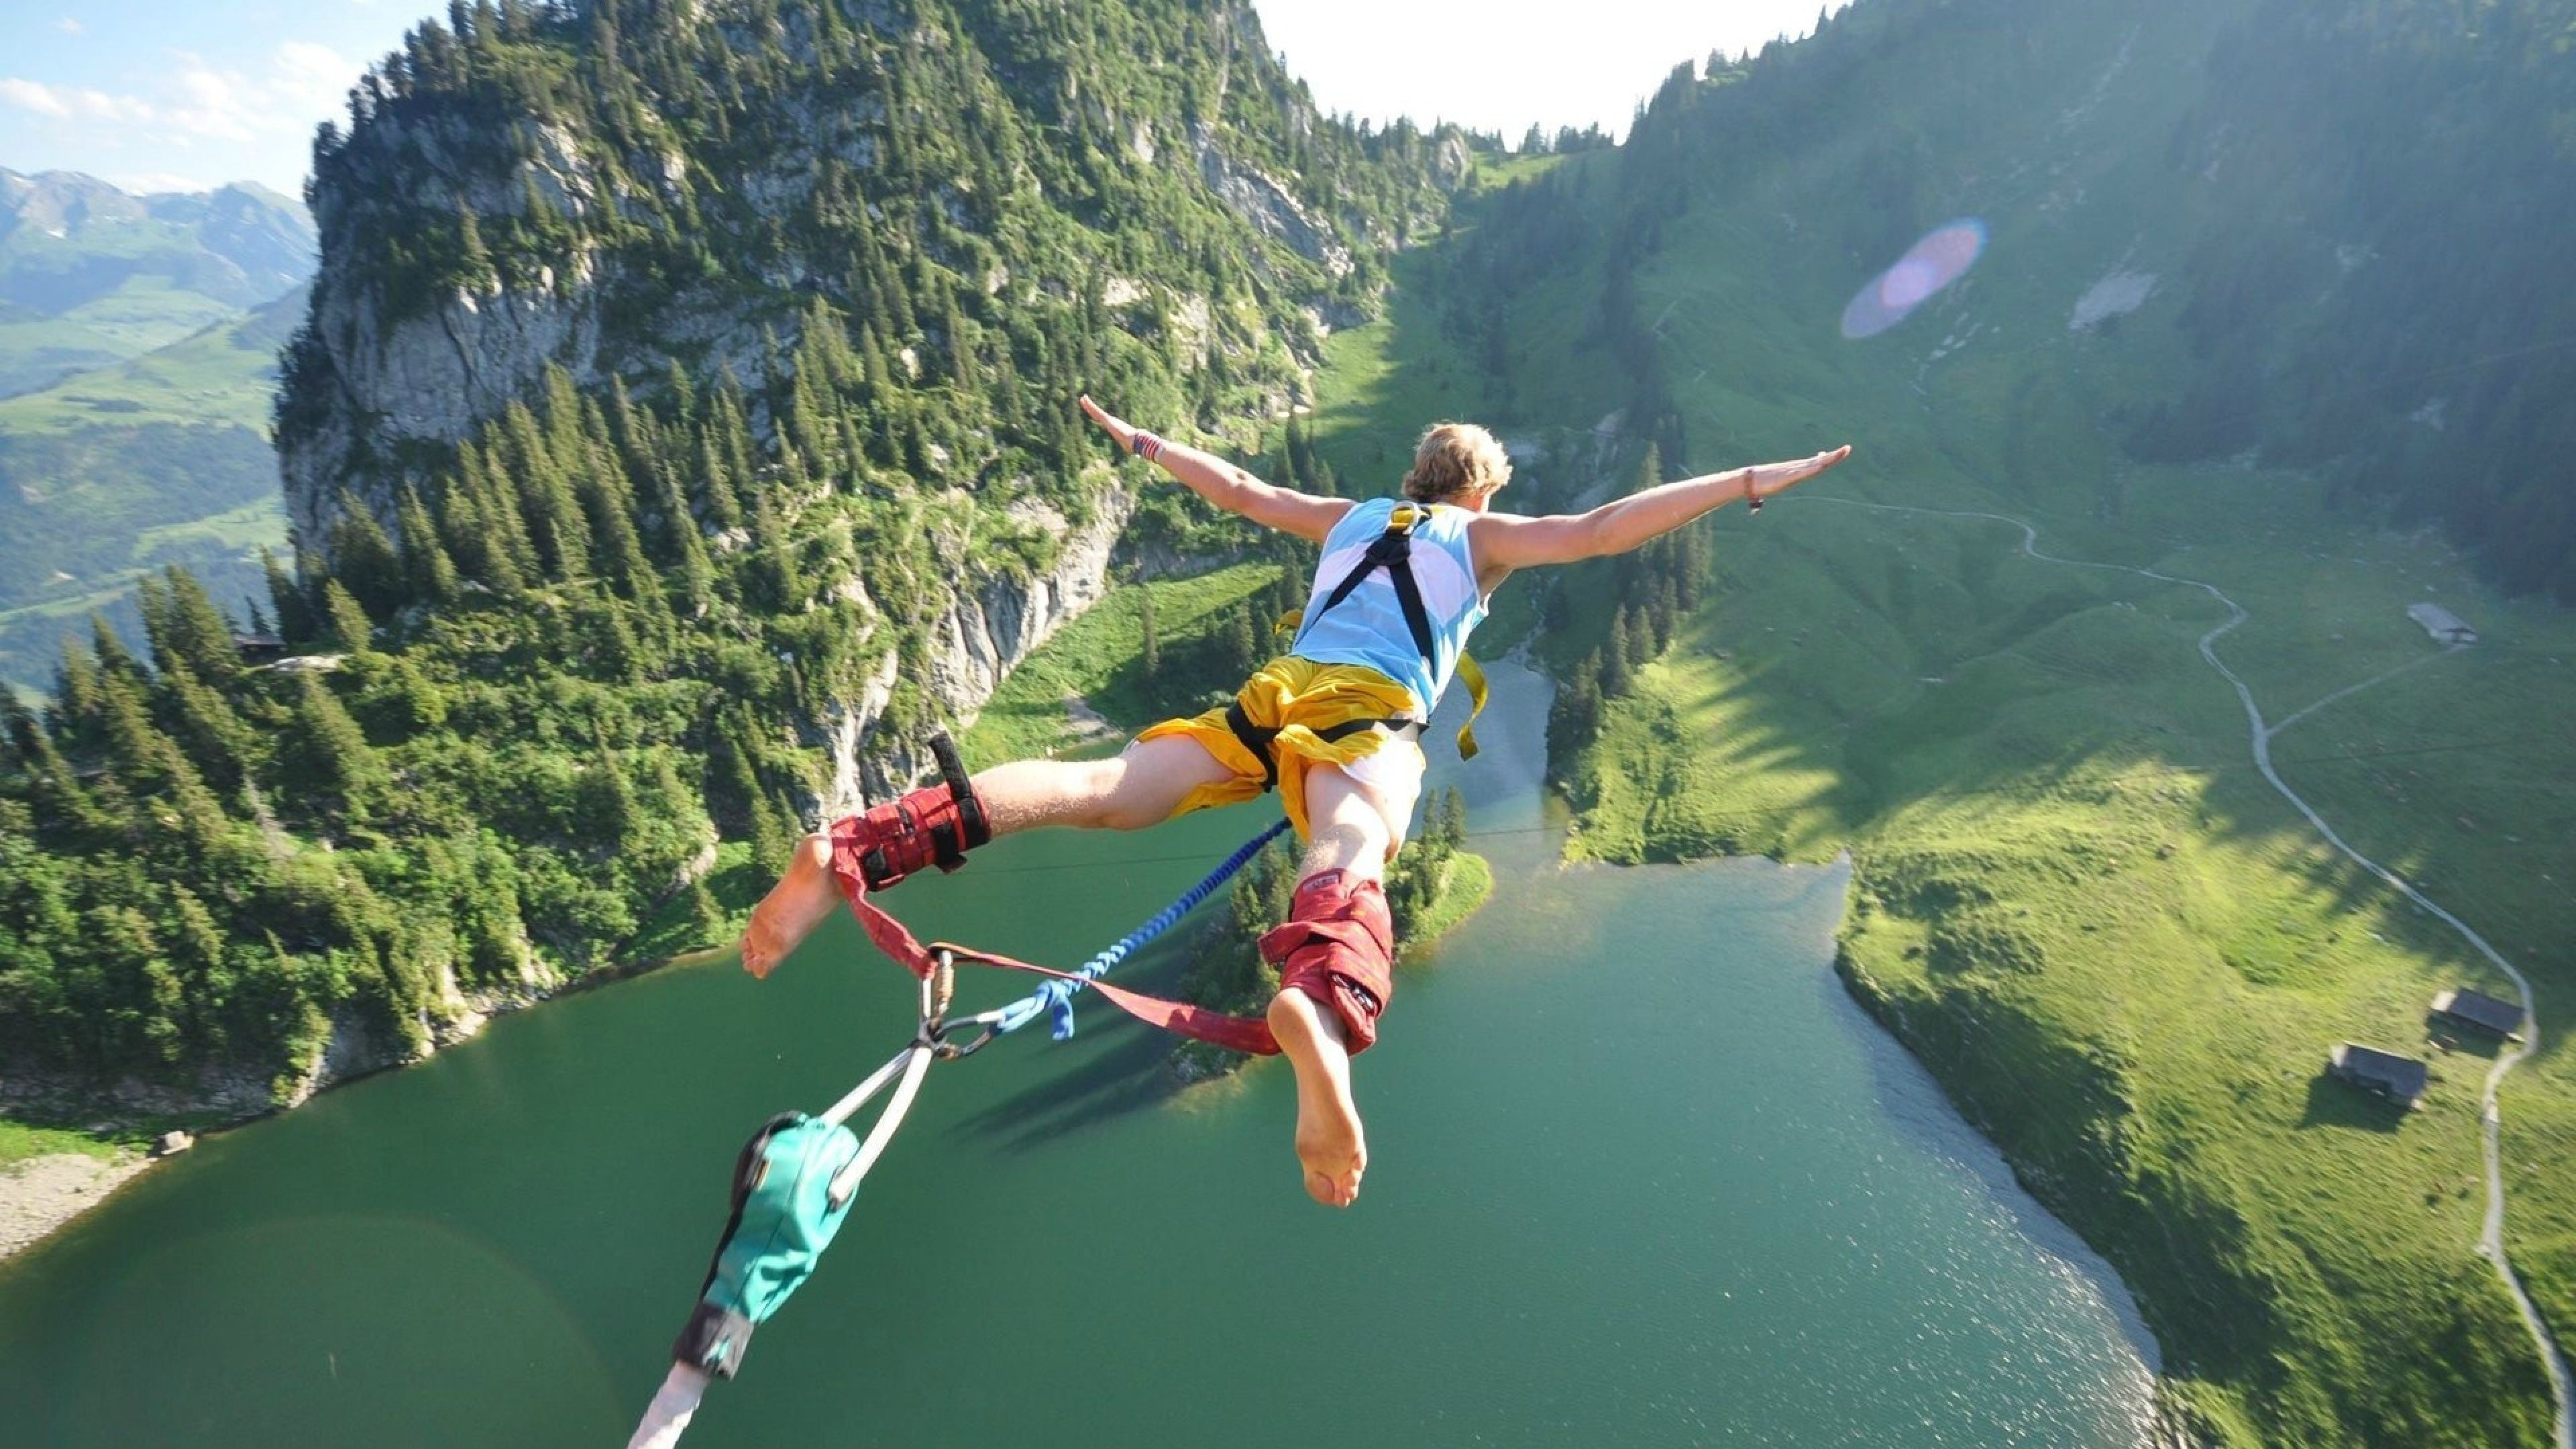 3840x2160 Wallpaper jump, flight, height, extreme, fear, danger ...